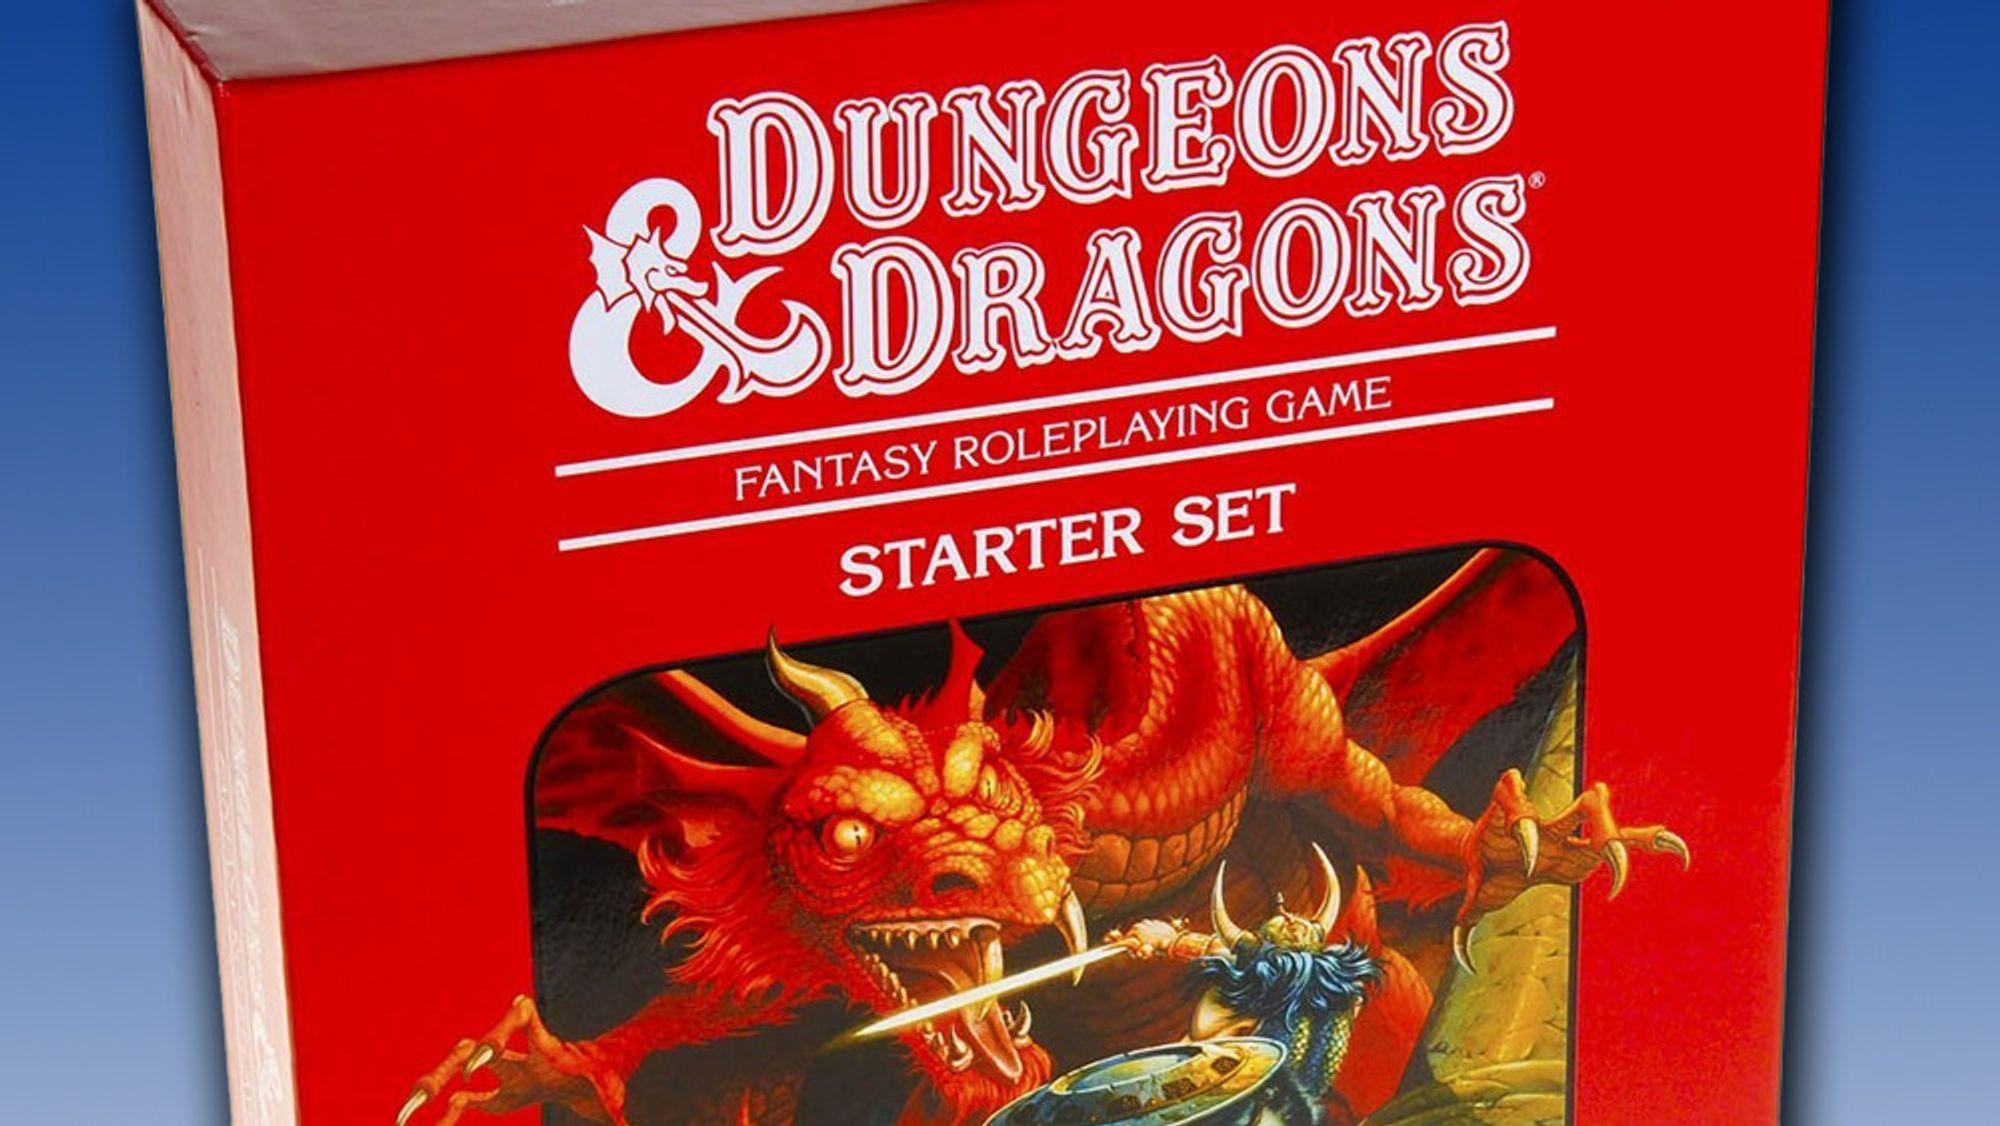 Den ikoniske røde boksen til Dungeons & Dragons ble inngangsporten til spillet for svært mange på 80-tallet.